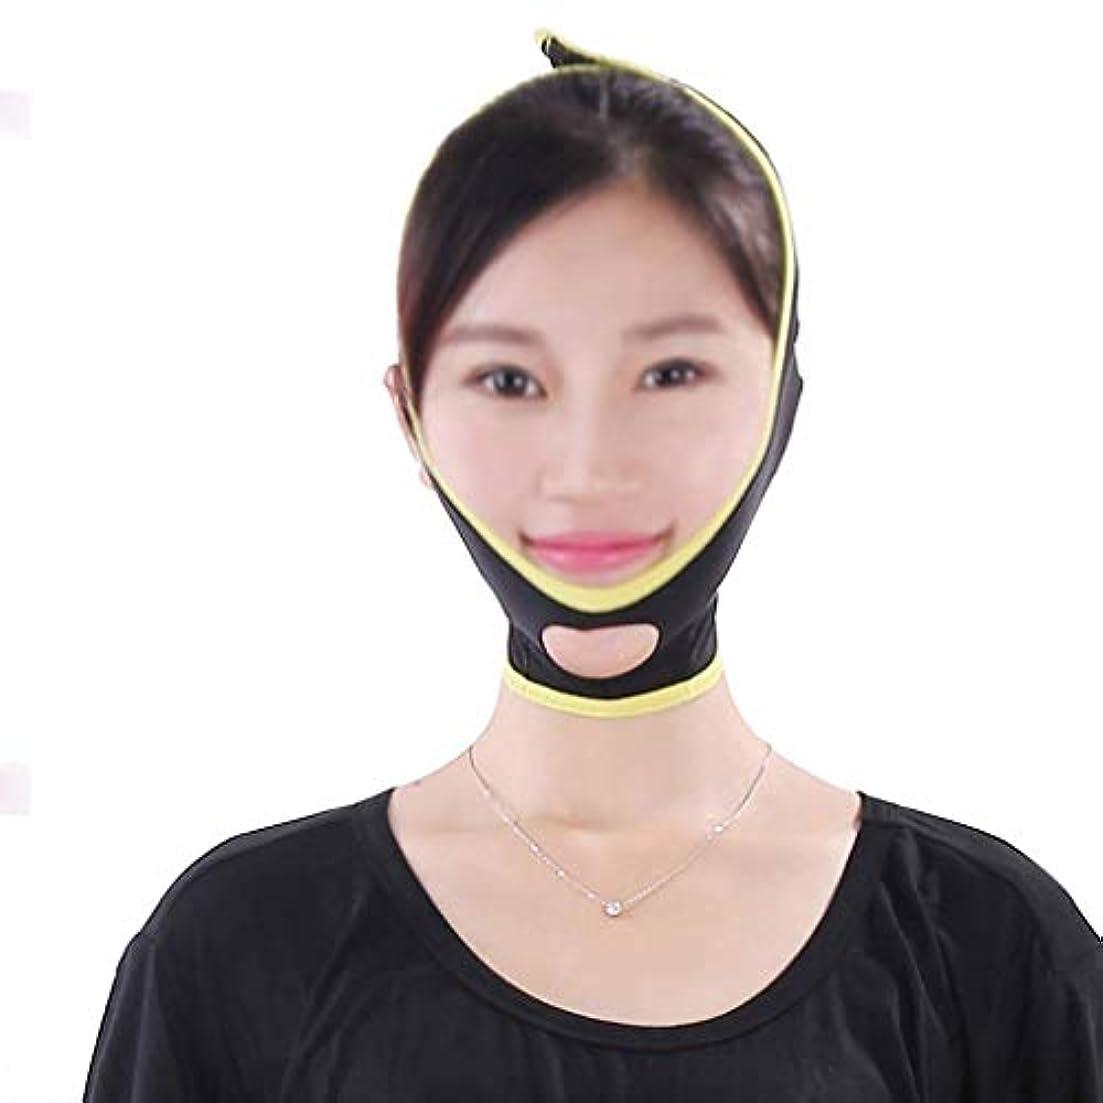 チャレンジ独裁ペースト顔のマスク、男性と女性の顔を持ち上げるアーティファクト包帯美容リフティングファーミングサイズVフェイスダブルチンスリープマスク埋め込みシルクカービングスリミングベルト(サイズ:L)